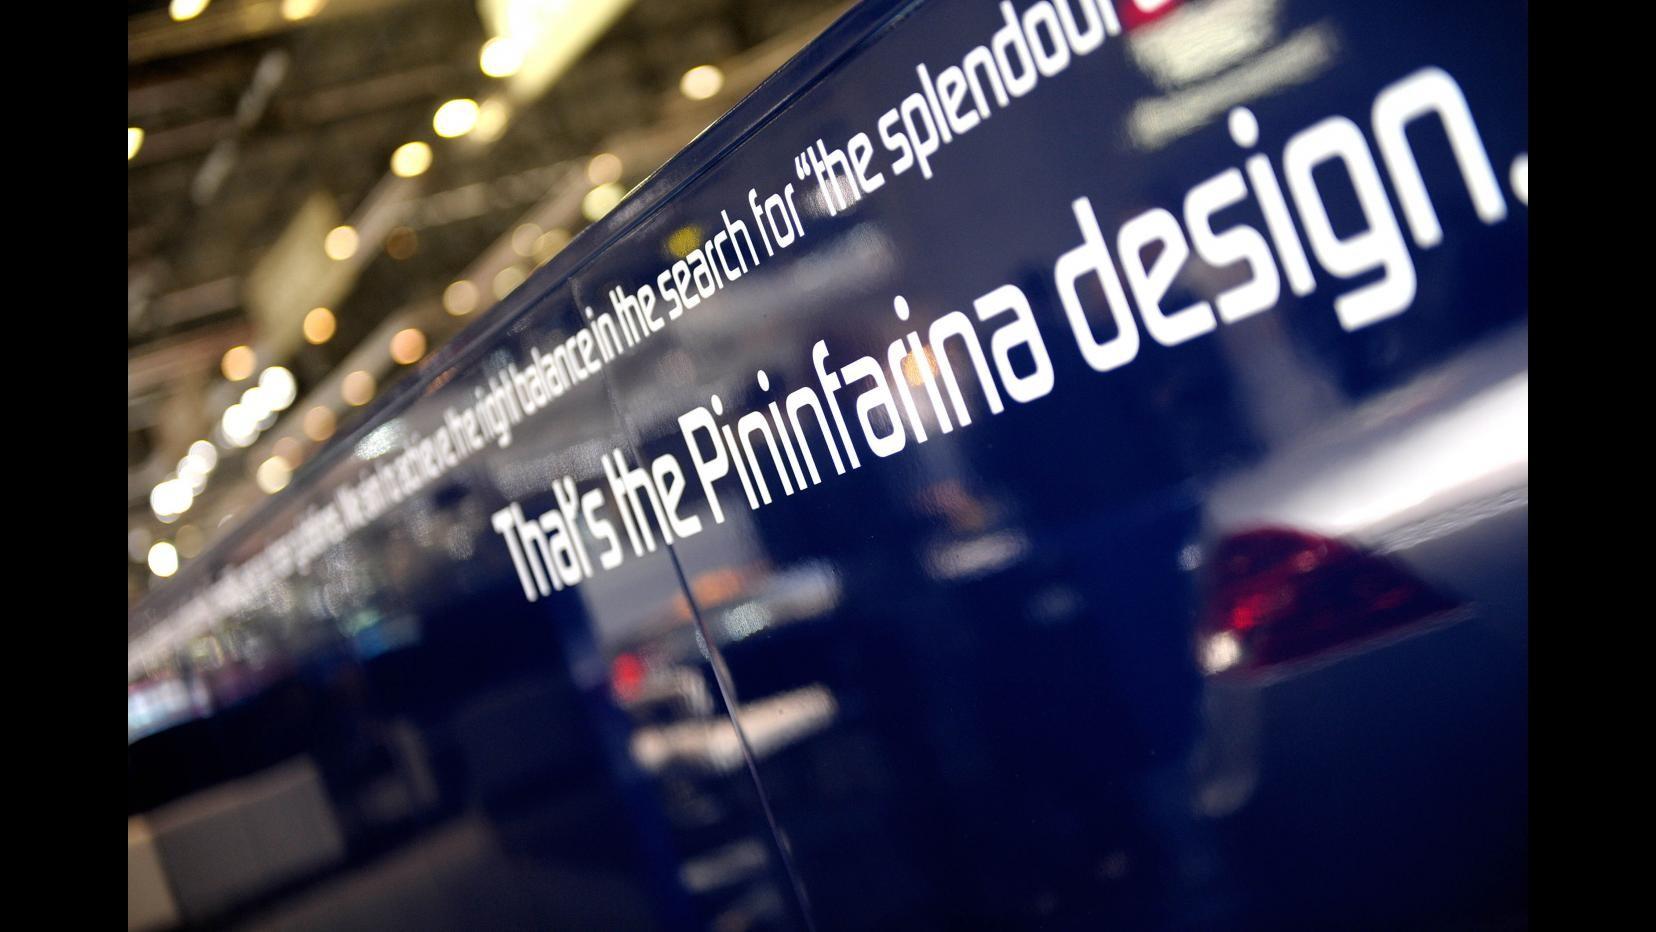 Pininfarina: C'è interessa Mahindra, ma nessun accordo di acquisto